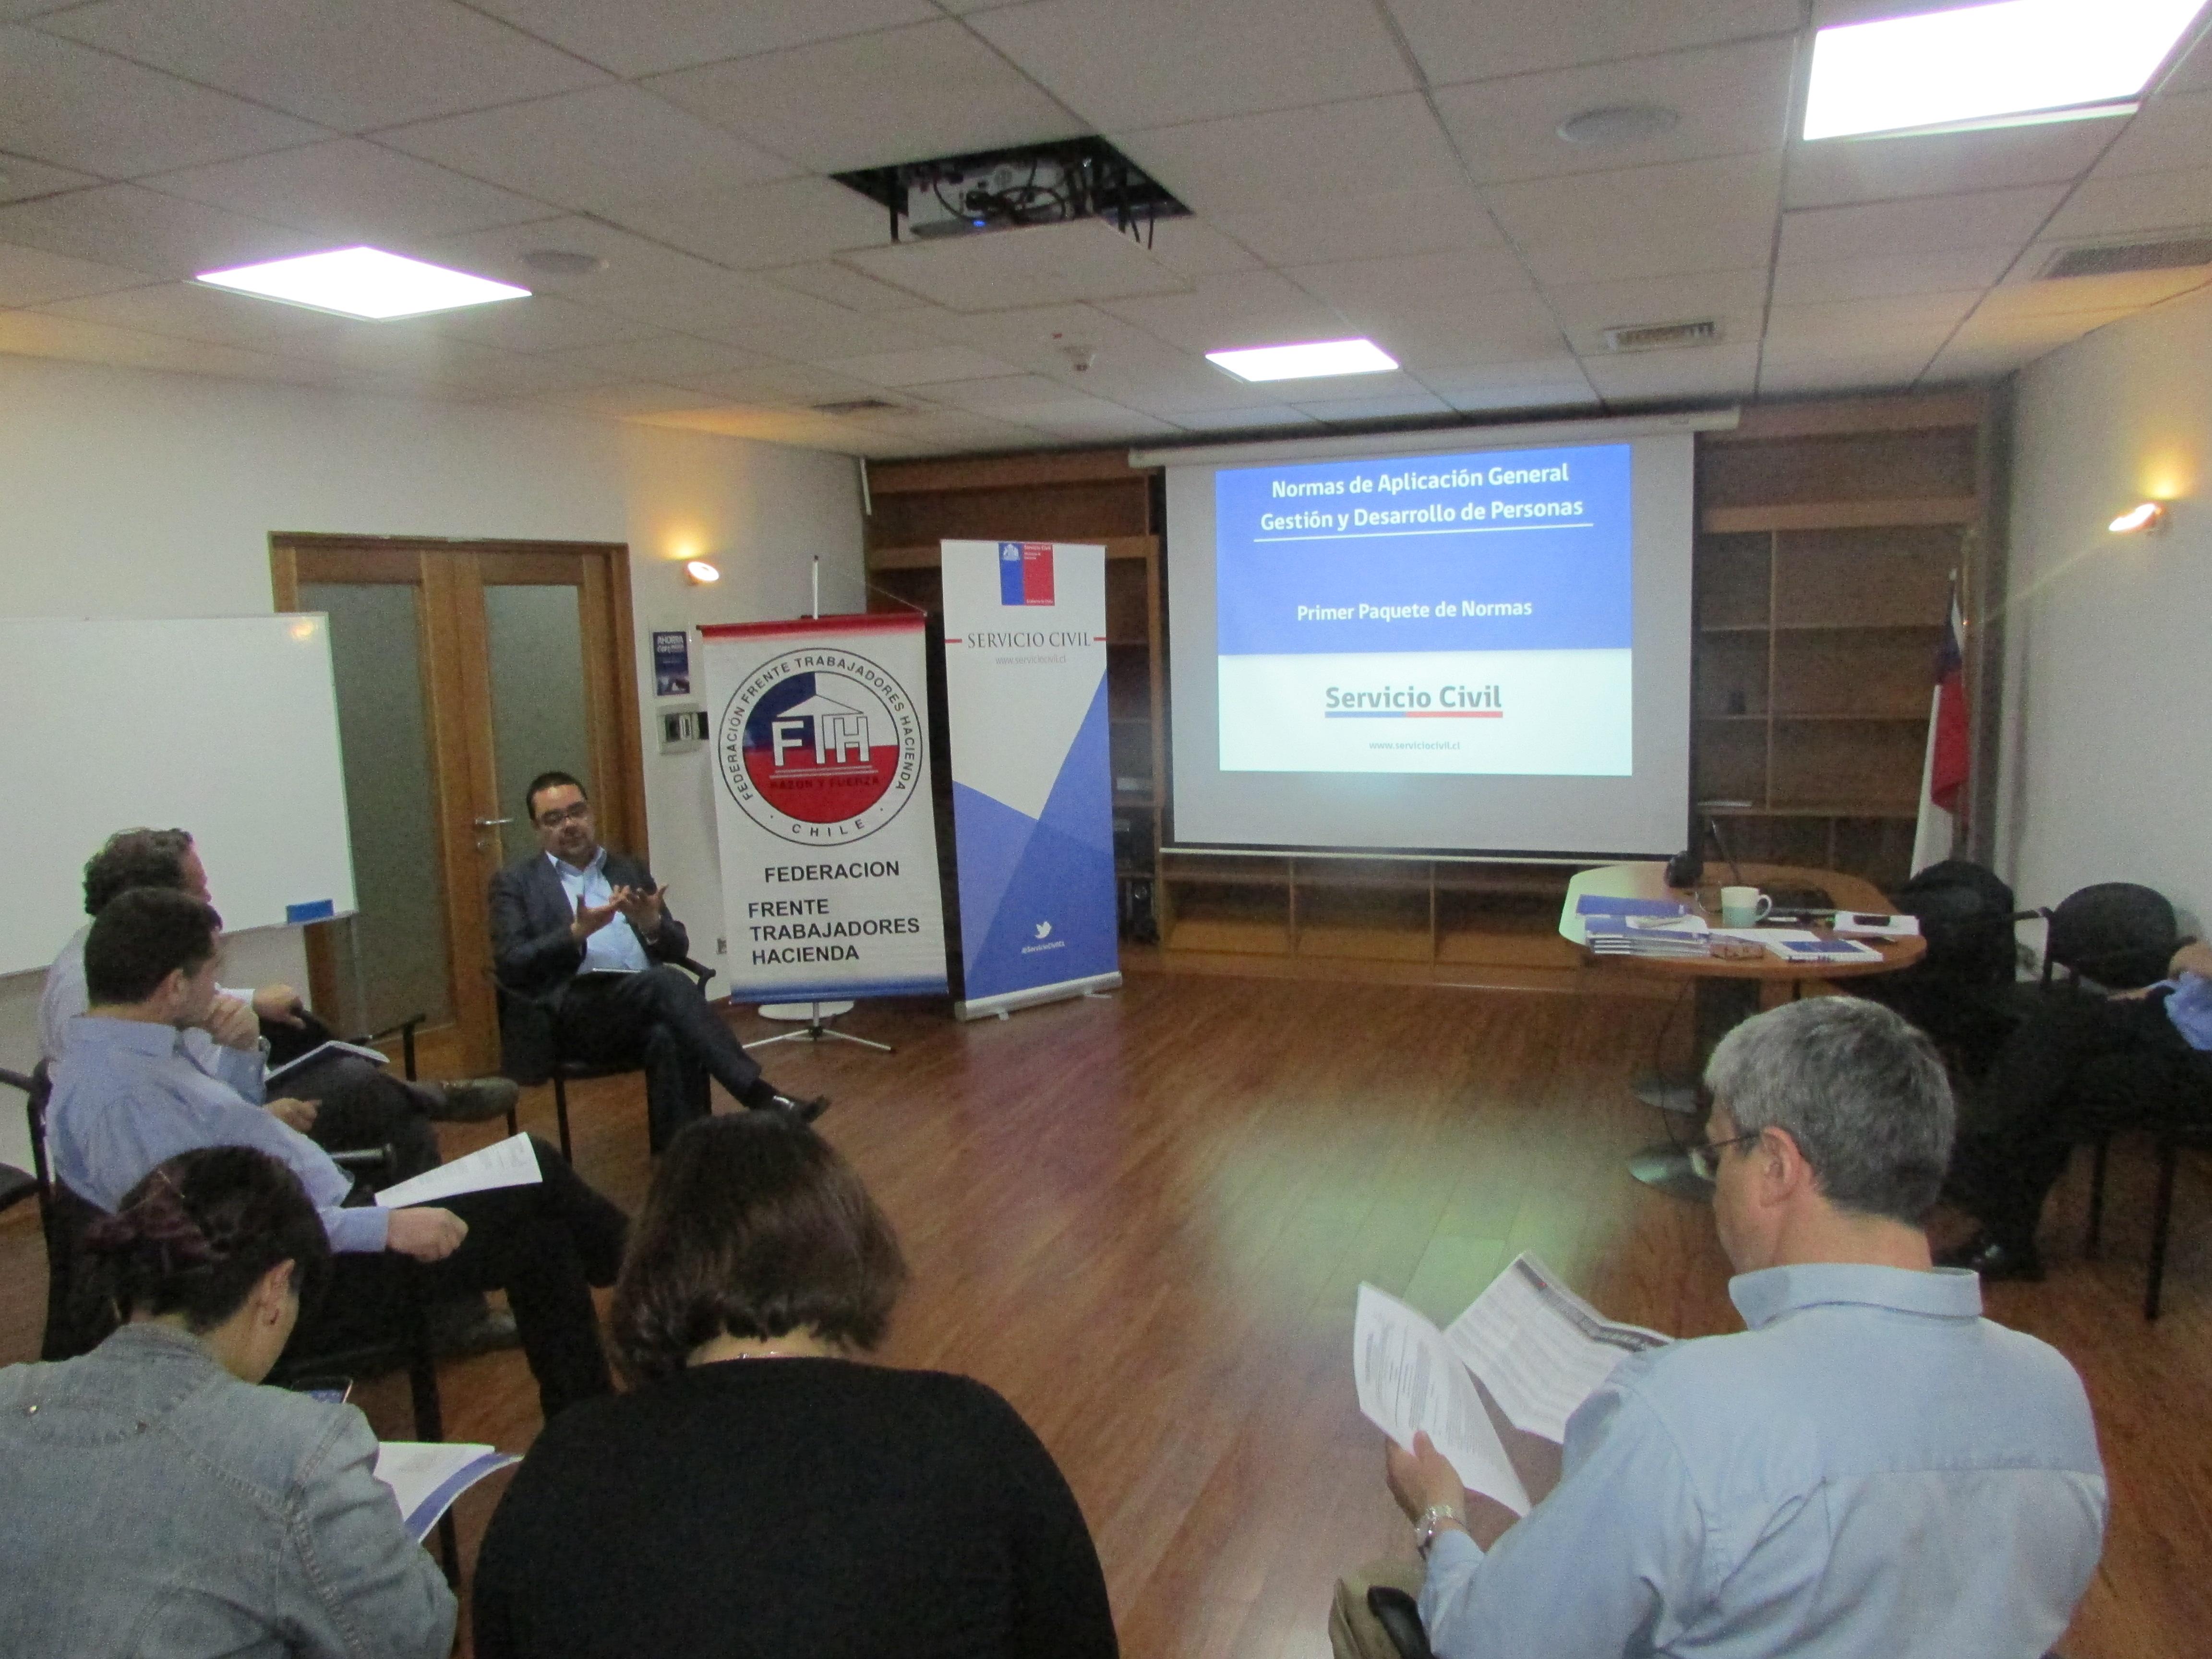 Segunda Jornada de la Escuela Sindical organizada por el FTH – 05 Diciembre 2017